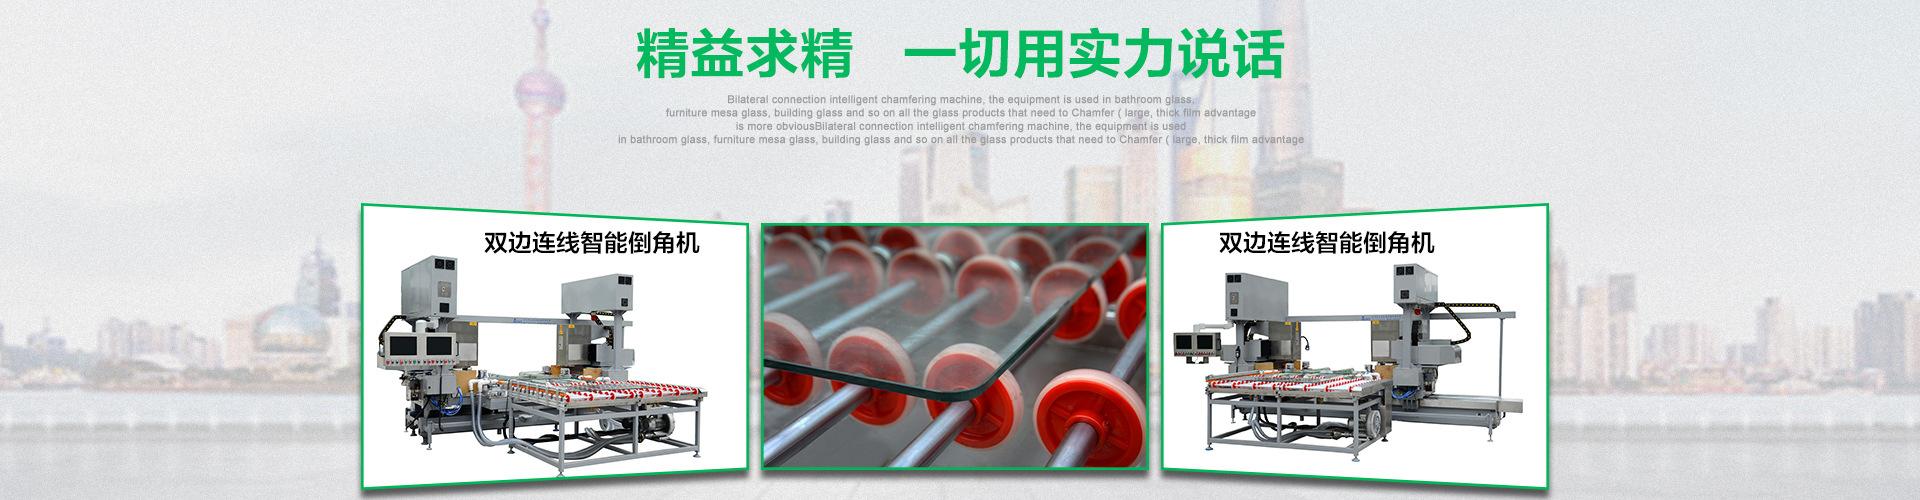 东莞市众度机械设备有限公司企业形象图片